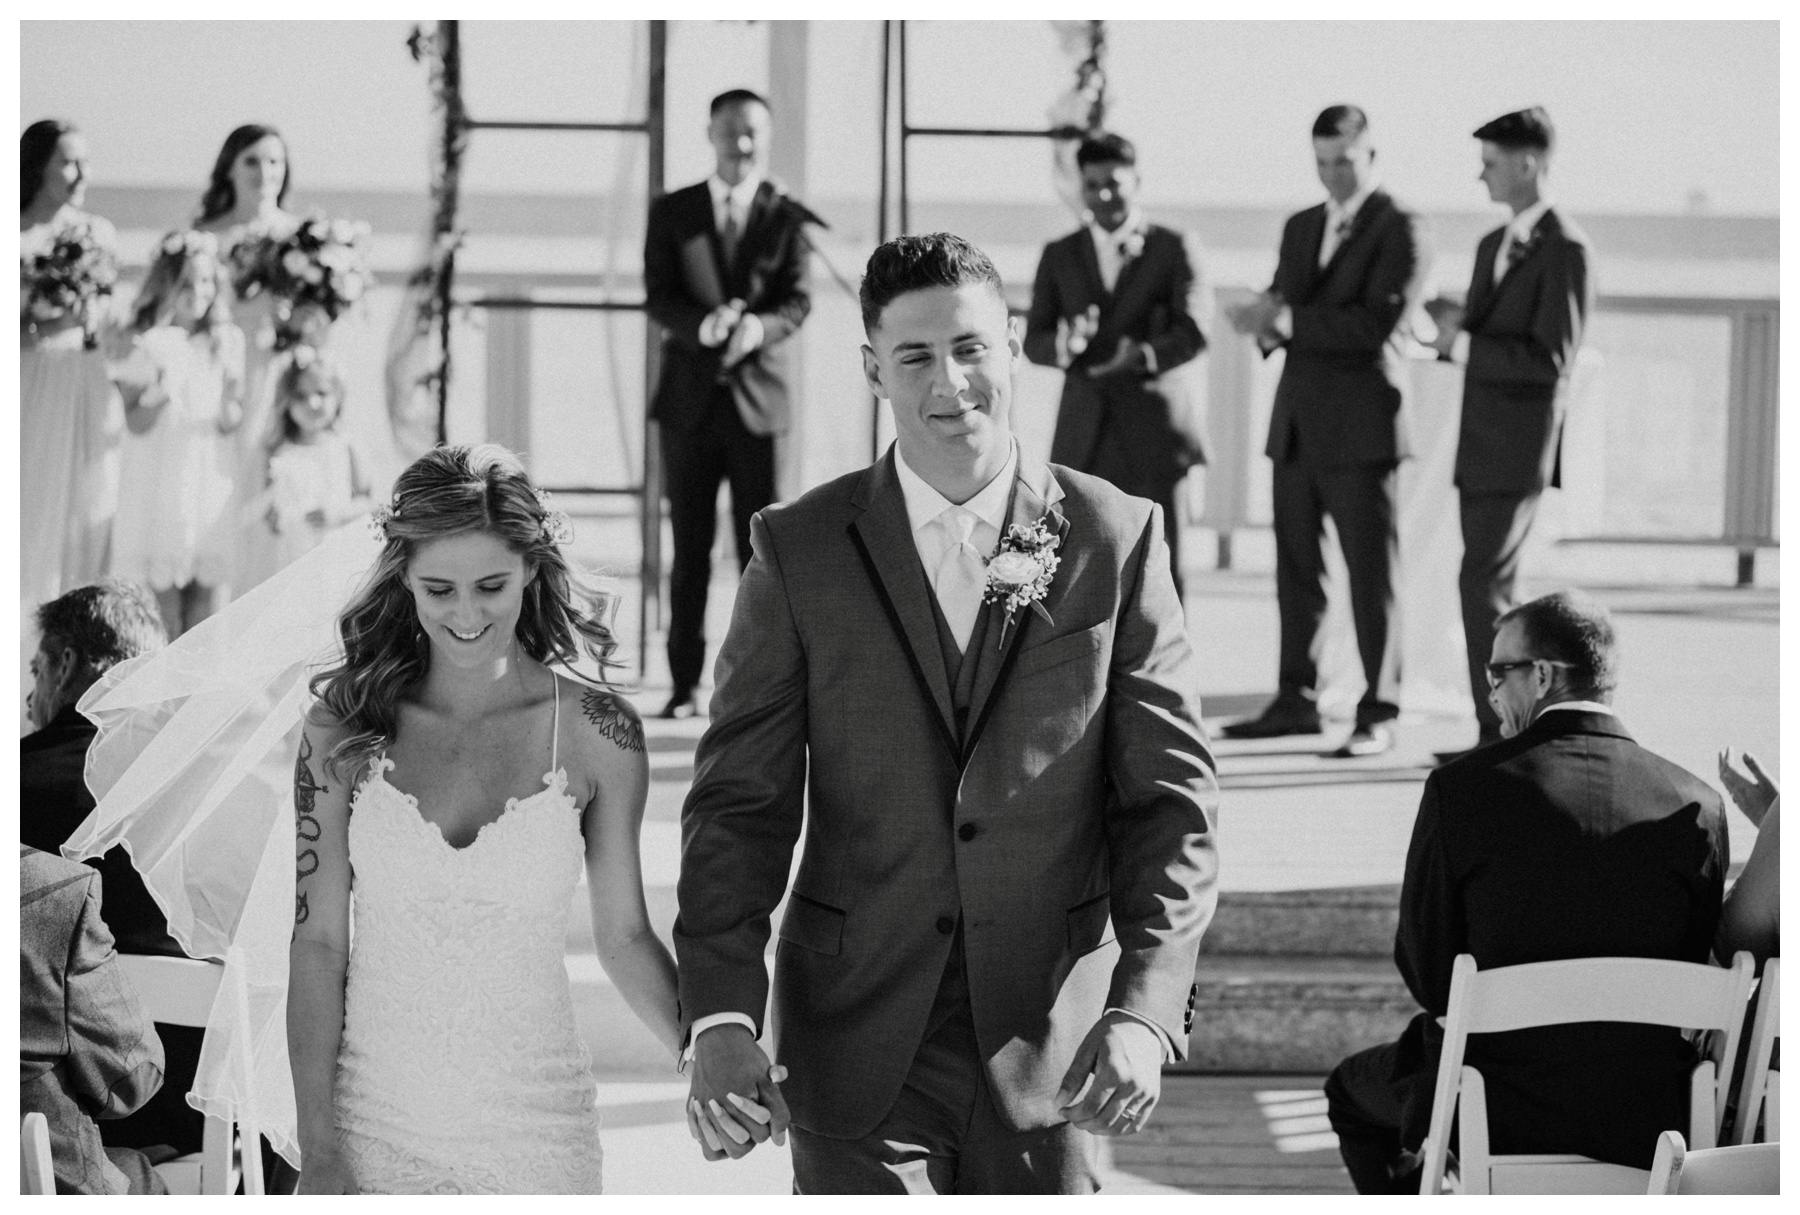 Coronado_Beach_Wedding_Singler_Photography_0030.jpg